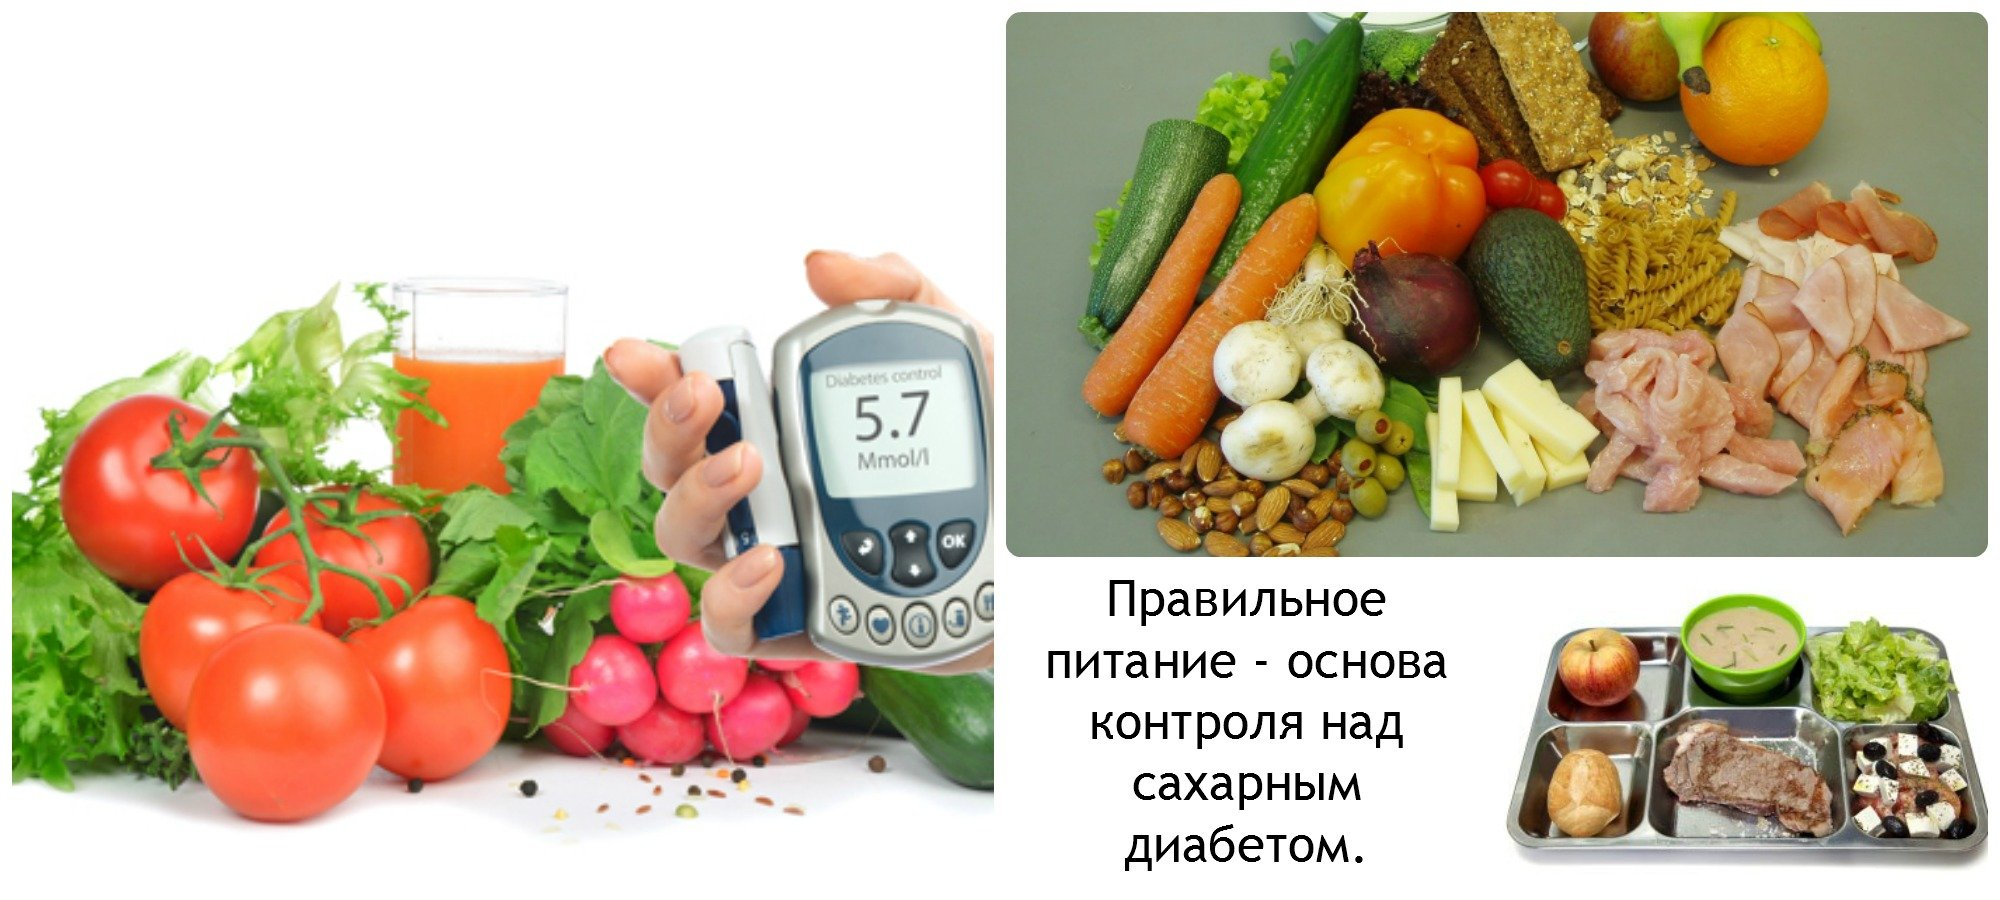 Диета для больных сахарным диабетом 2го